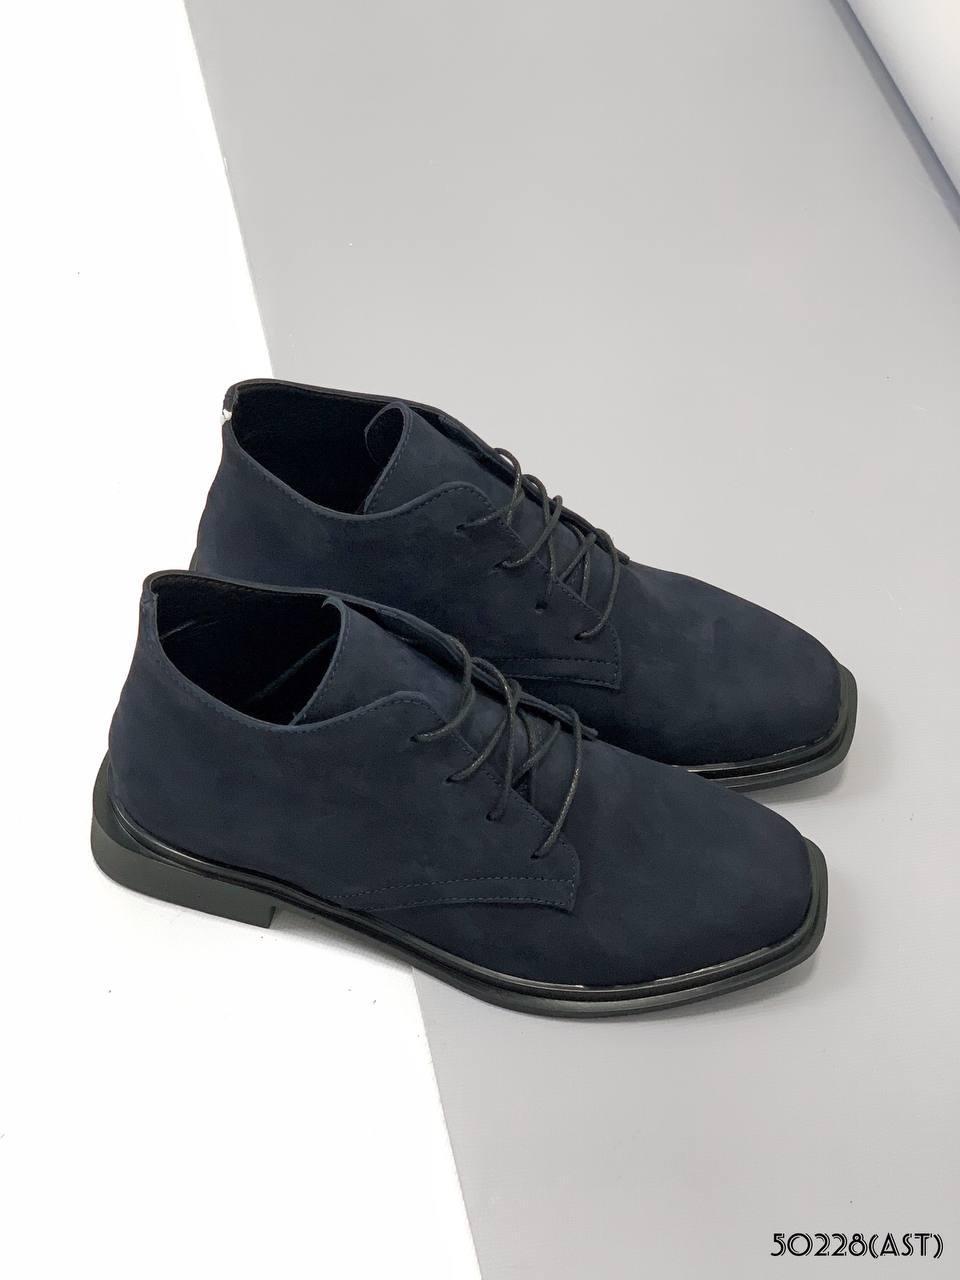 Ботинки демисезон темно-синий замш натуральный замш, внутри кожа